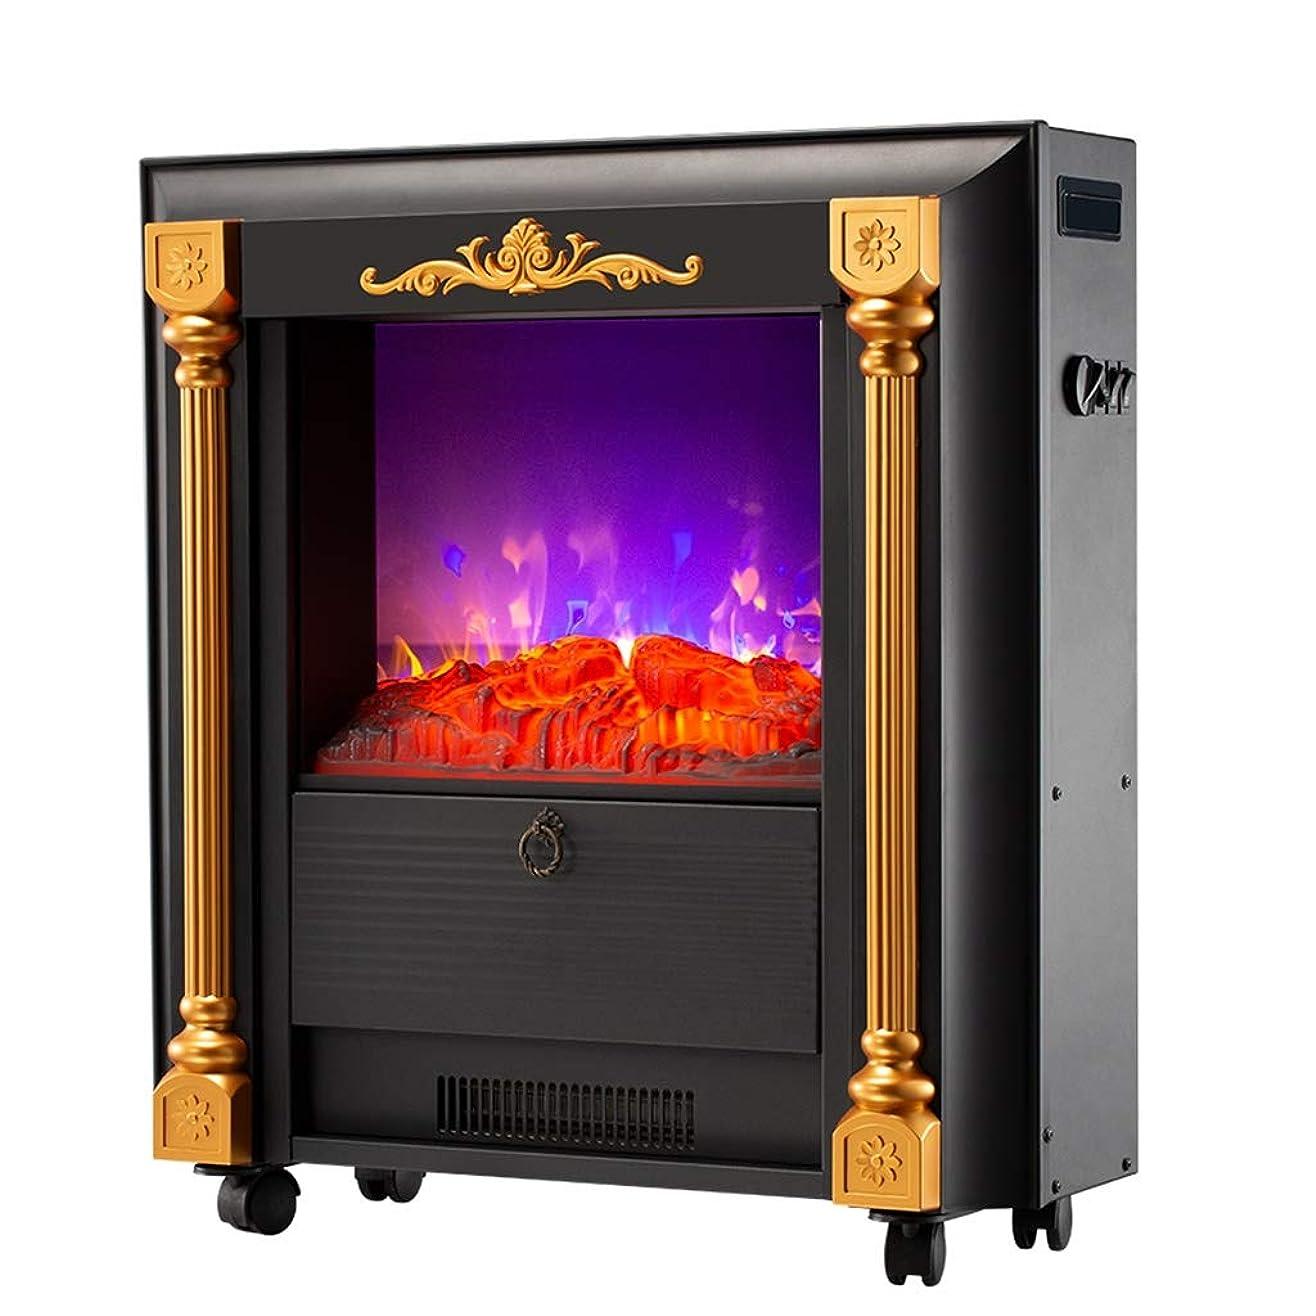 ディスコ勝利前任者電気暖炉 - シンプルで軽い贅沢な装飾大きな垂直/多機能、炎電源:6W673 * 273 * 690ミリメートル